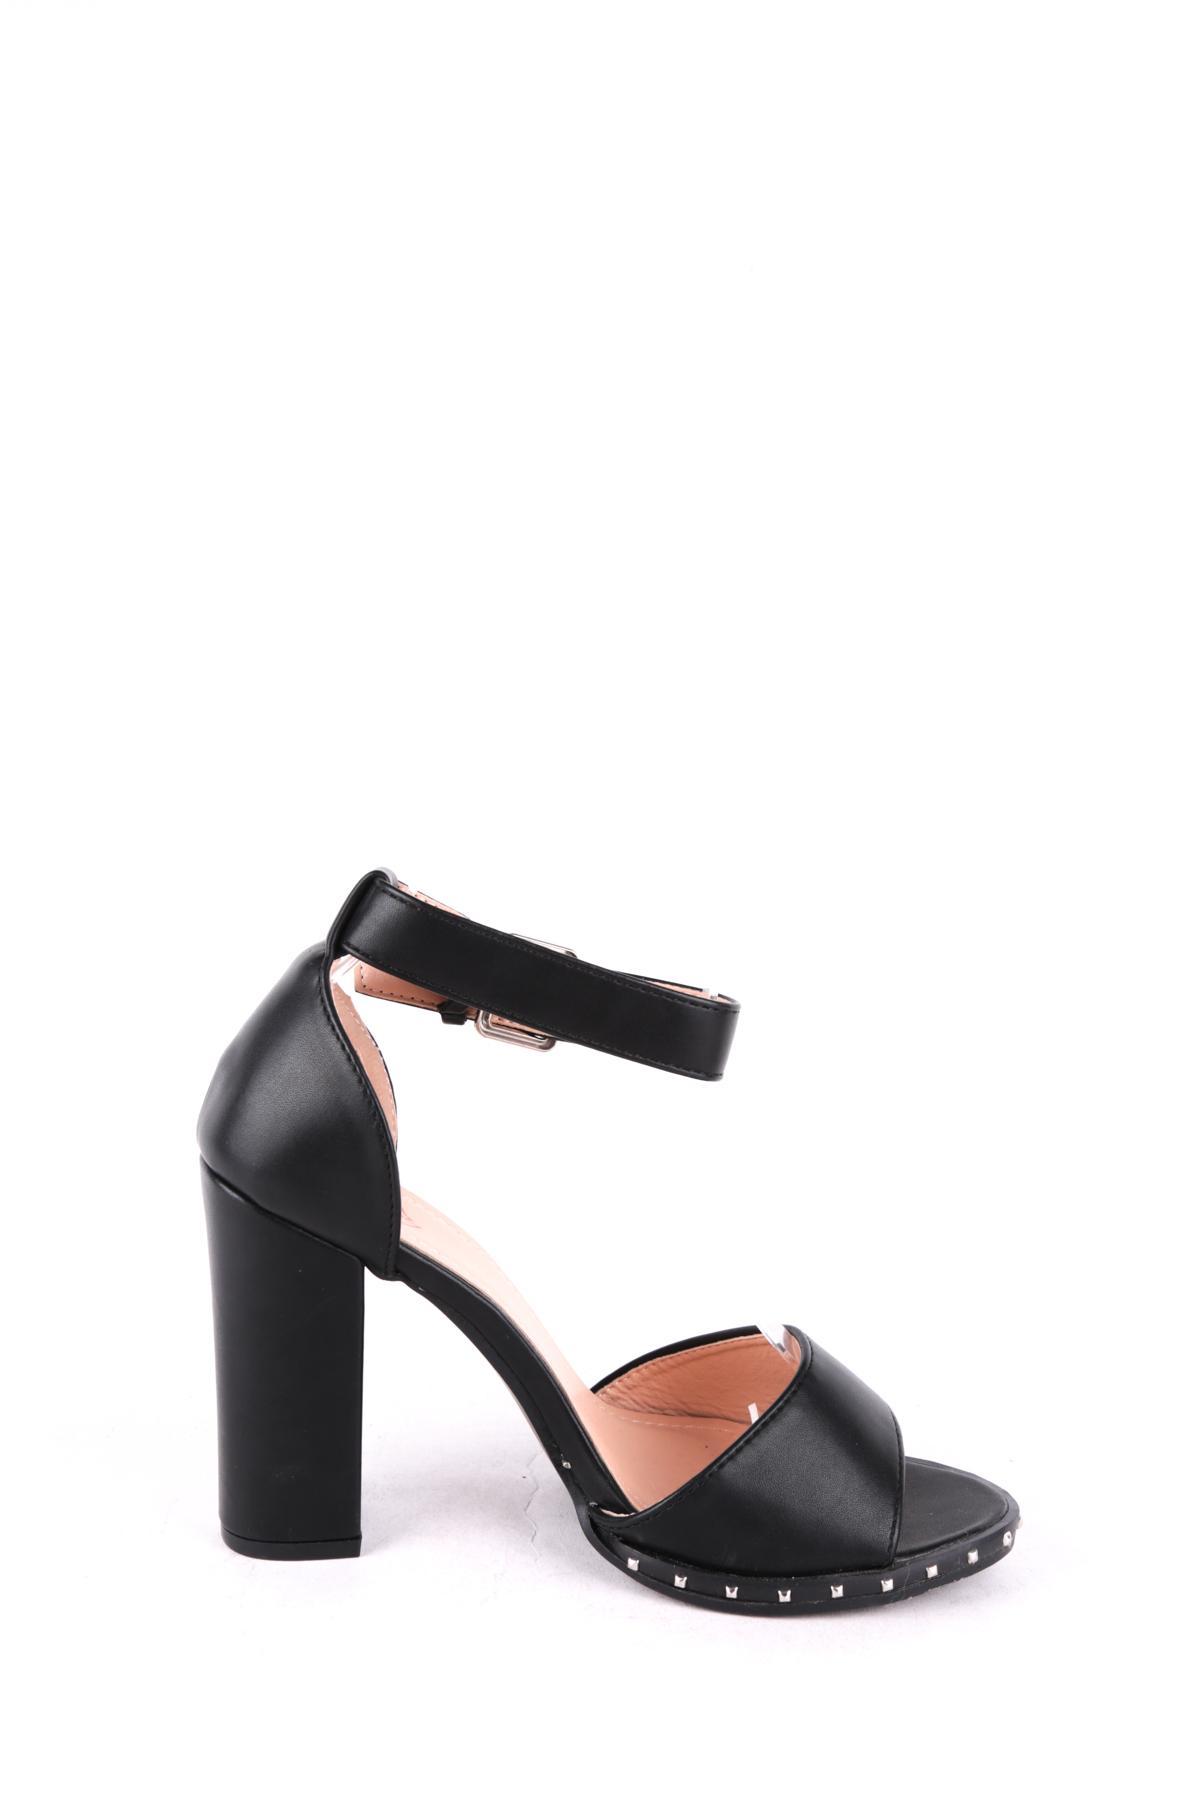 Escarpins Chaussures Noir WILEDI 88-252 #c eFashion Paris